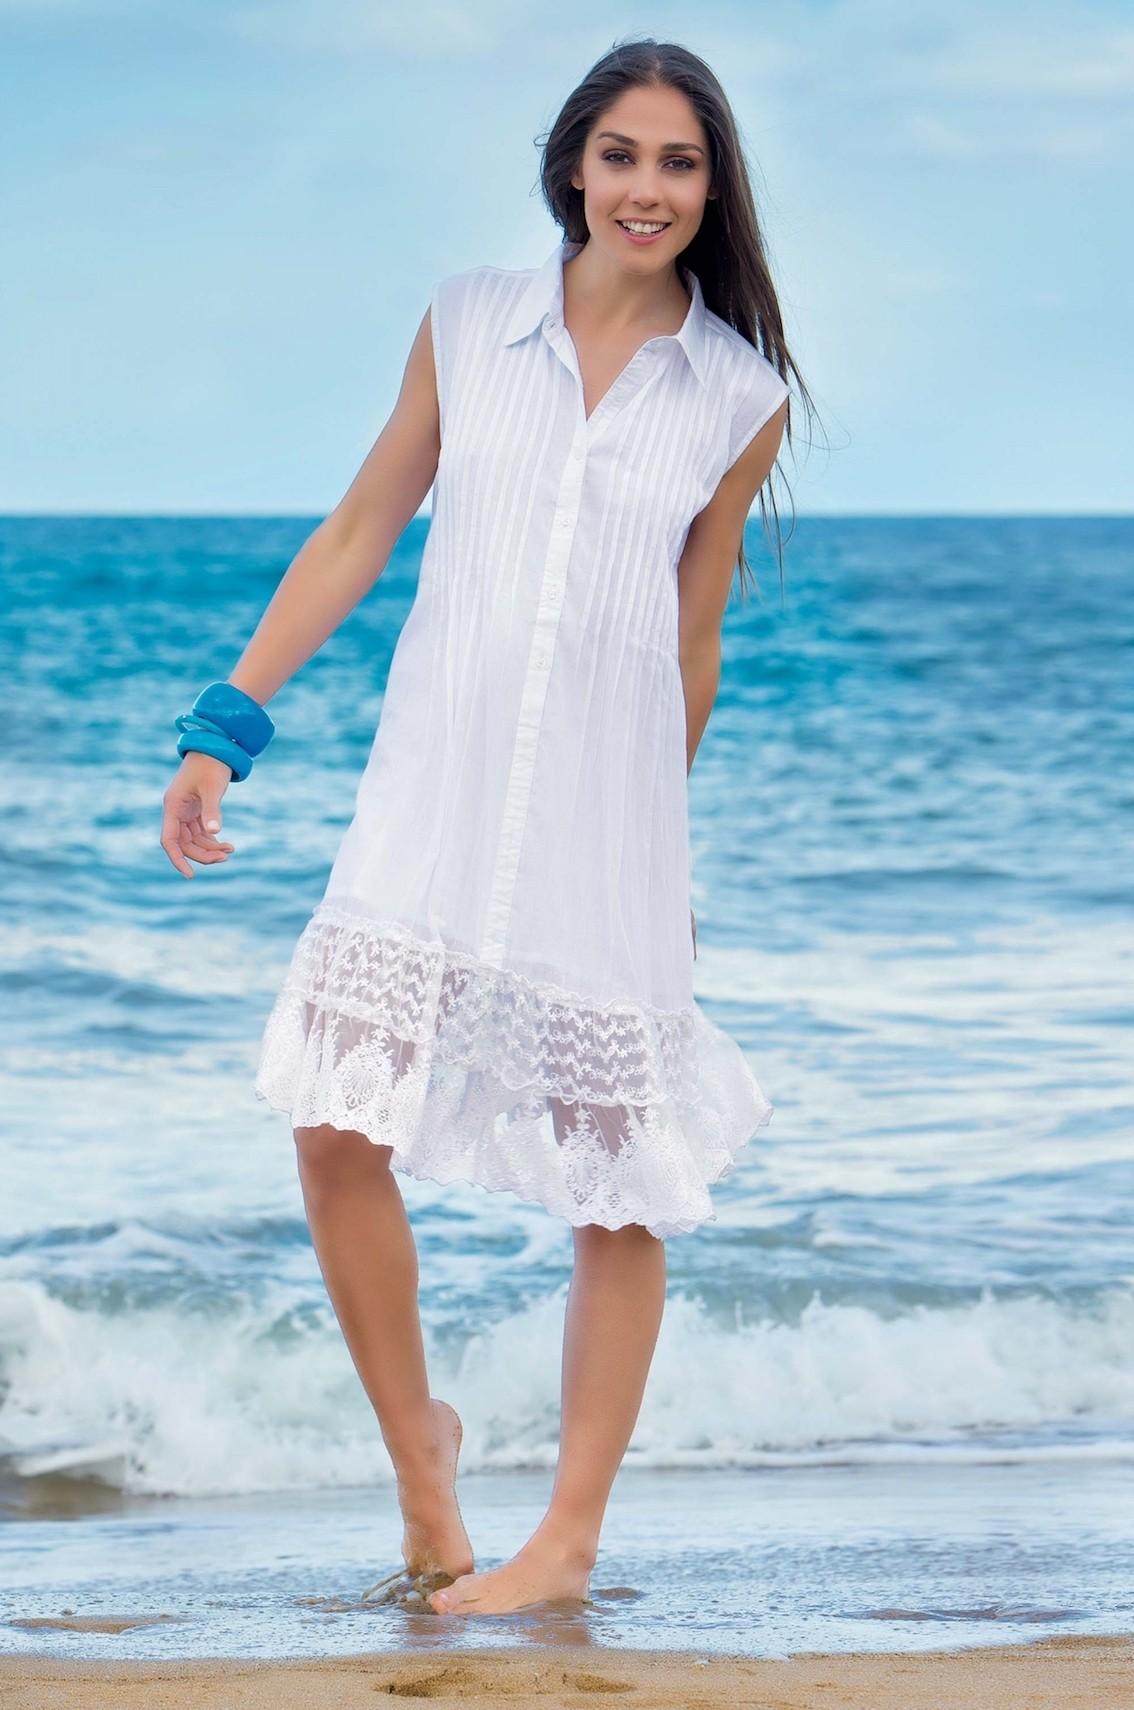 dd4b9c9a38cf Белое пляжное платье с гипюром Iconique IC7 001